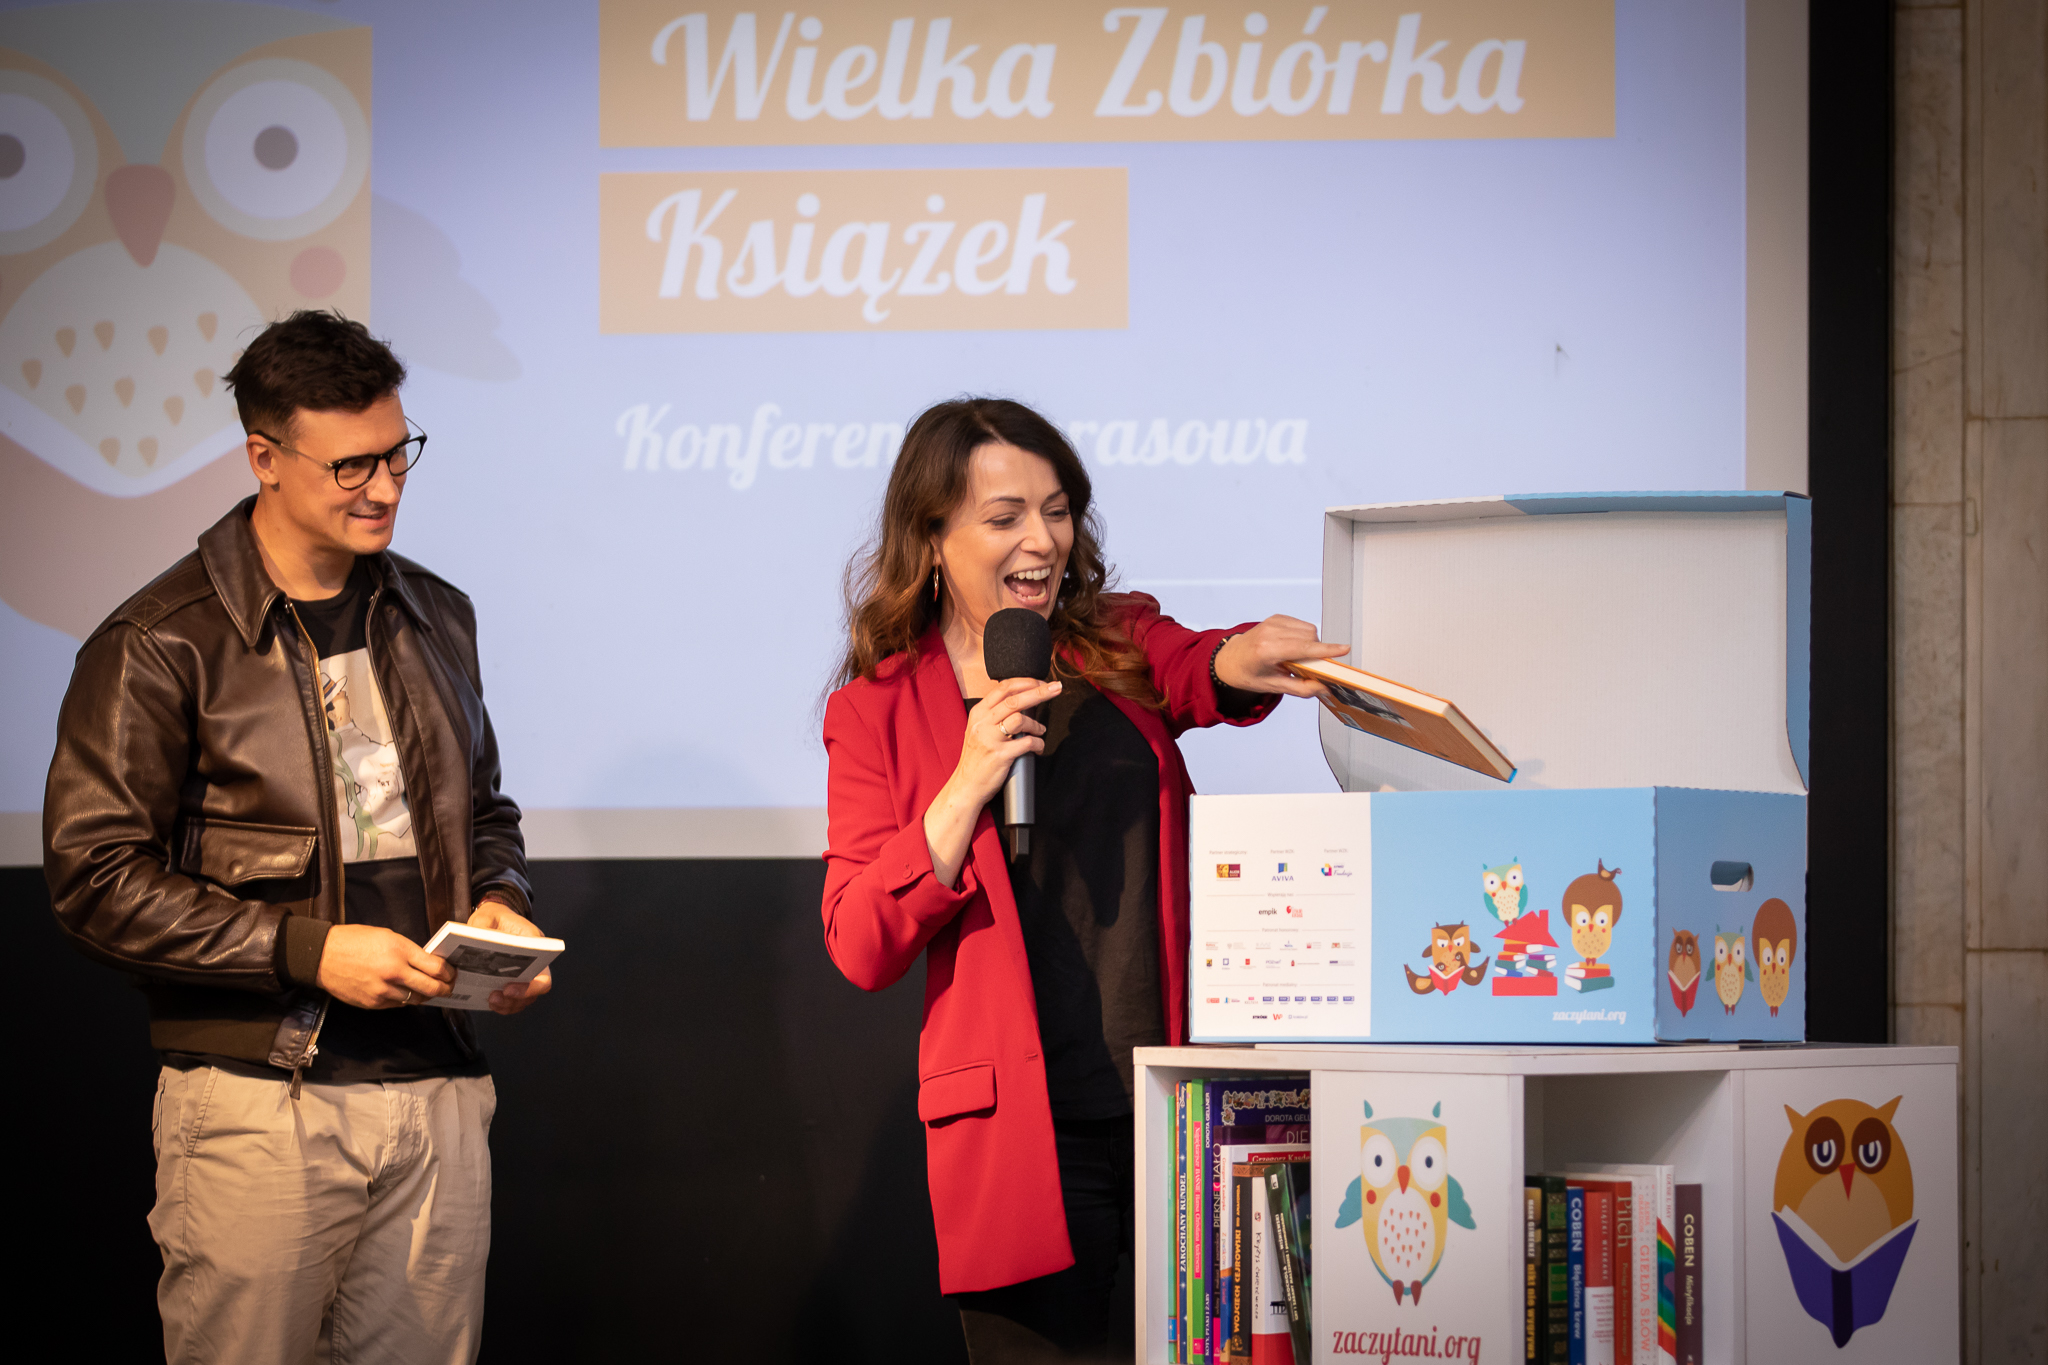 Oddaj książkę! Ruszyła Wielka Zbiórka Książek 2020